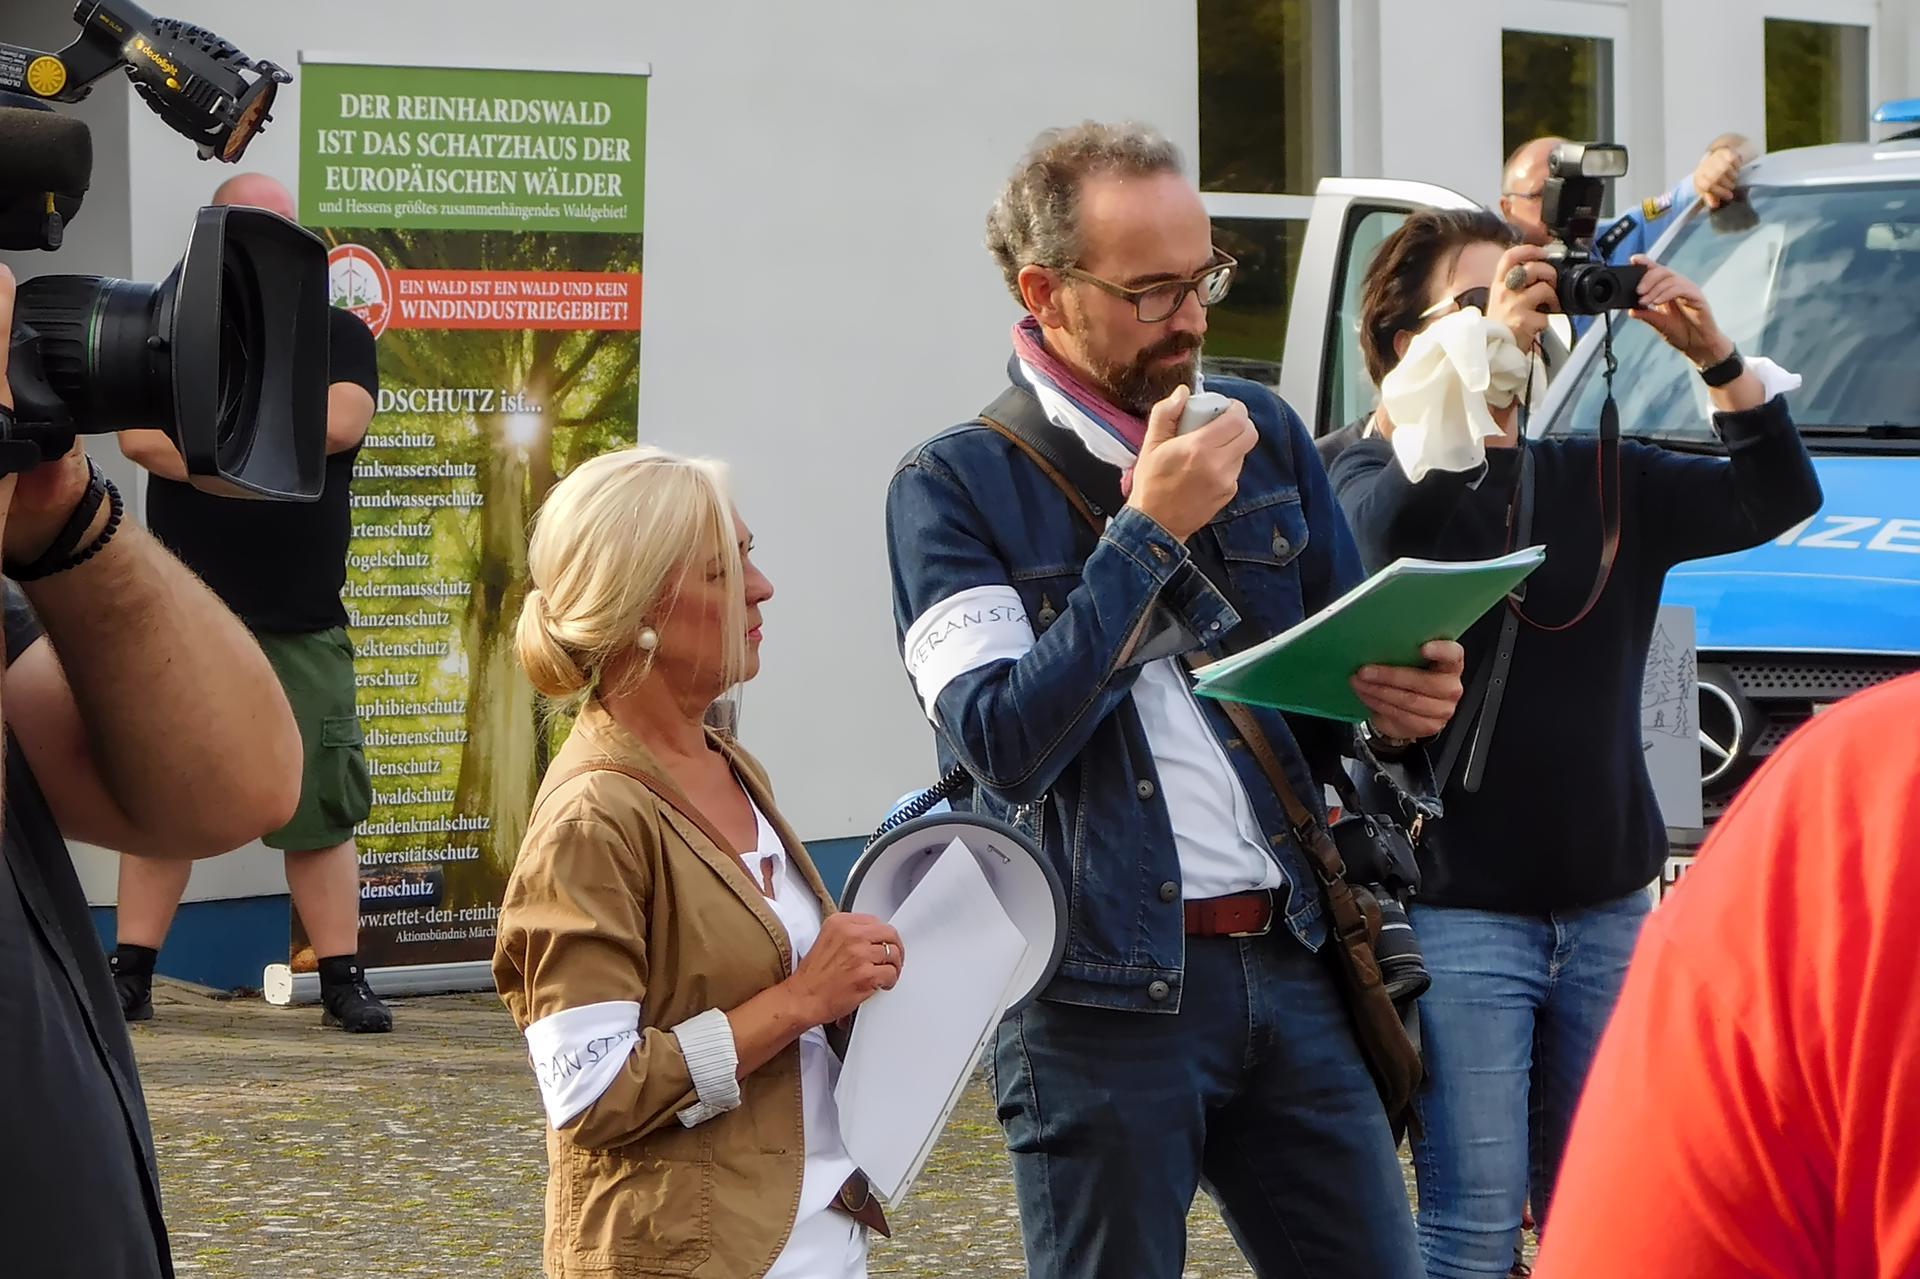 Sonja Erler und Karsten Leineke am Megaphone mit Presse im Hintergrund